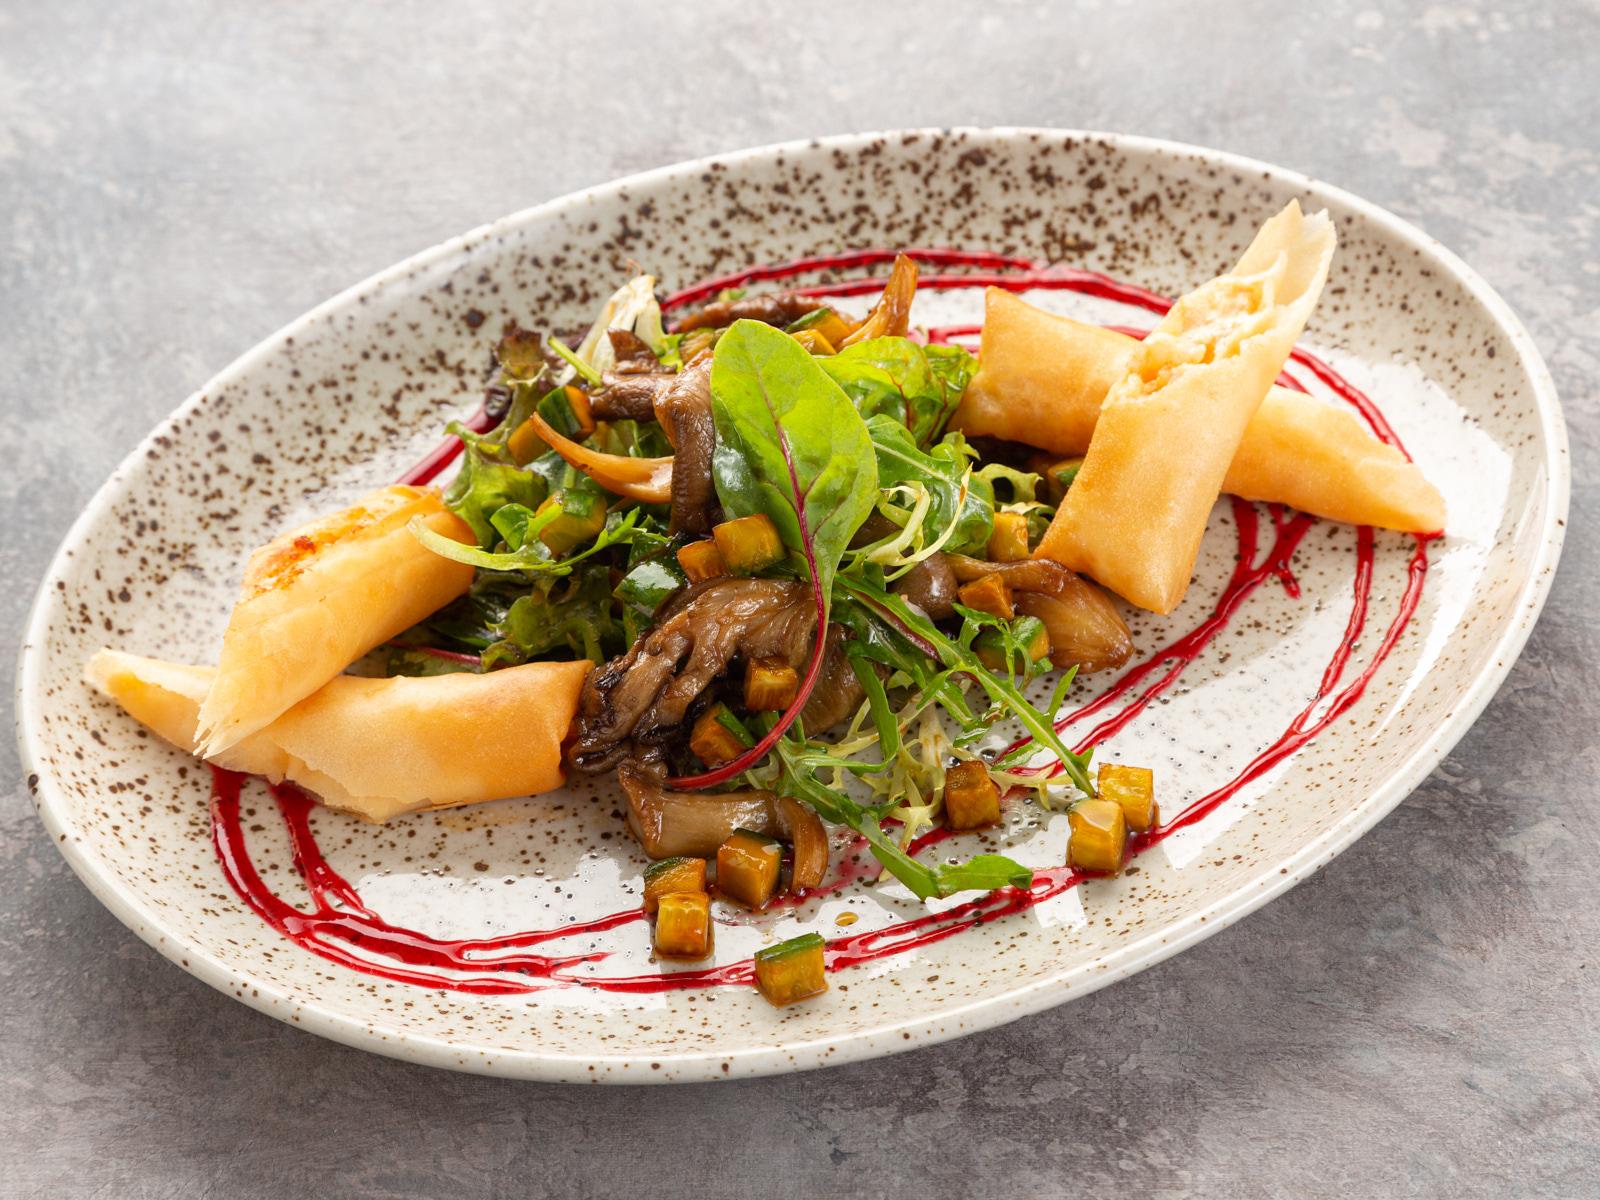 Микс-салат с вешенками и теплым роллом с креветками